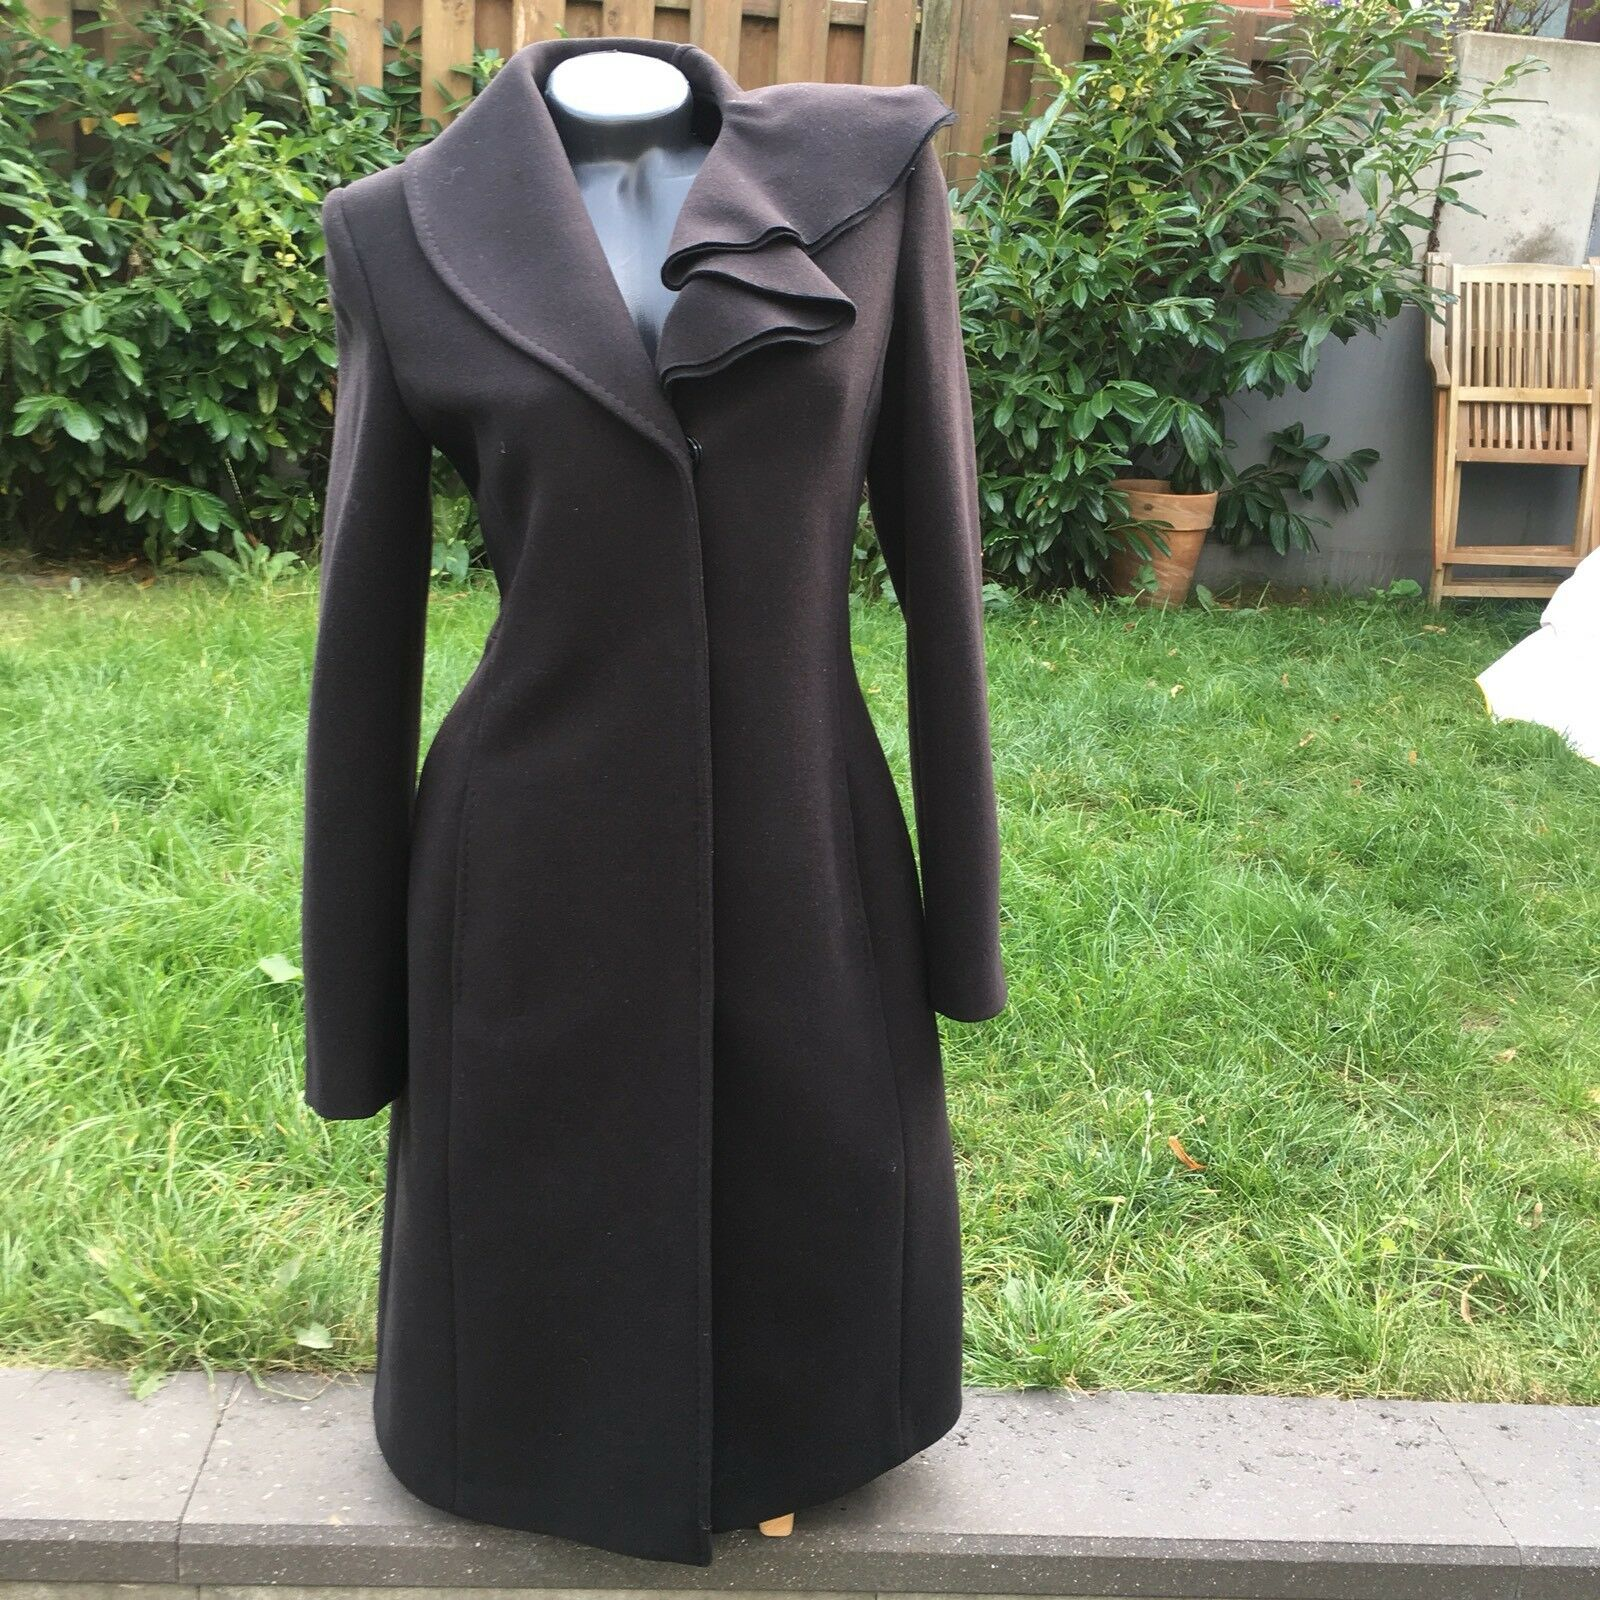 Der Schwarze Mantel, Сoat Von KENT, Größe 2 (S), Wool, New